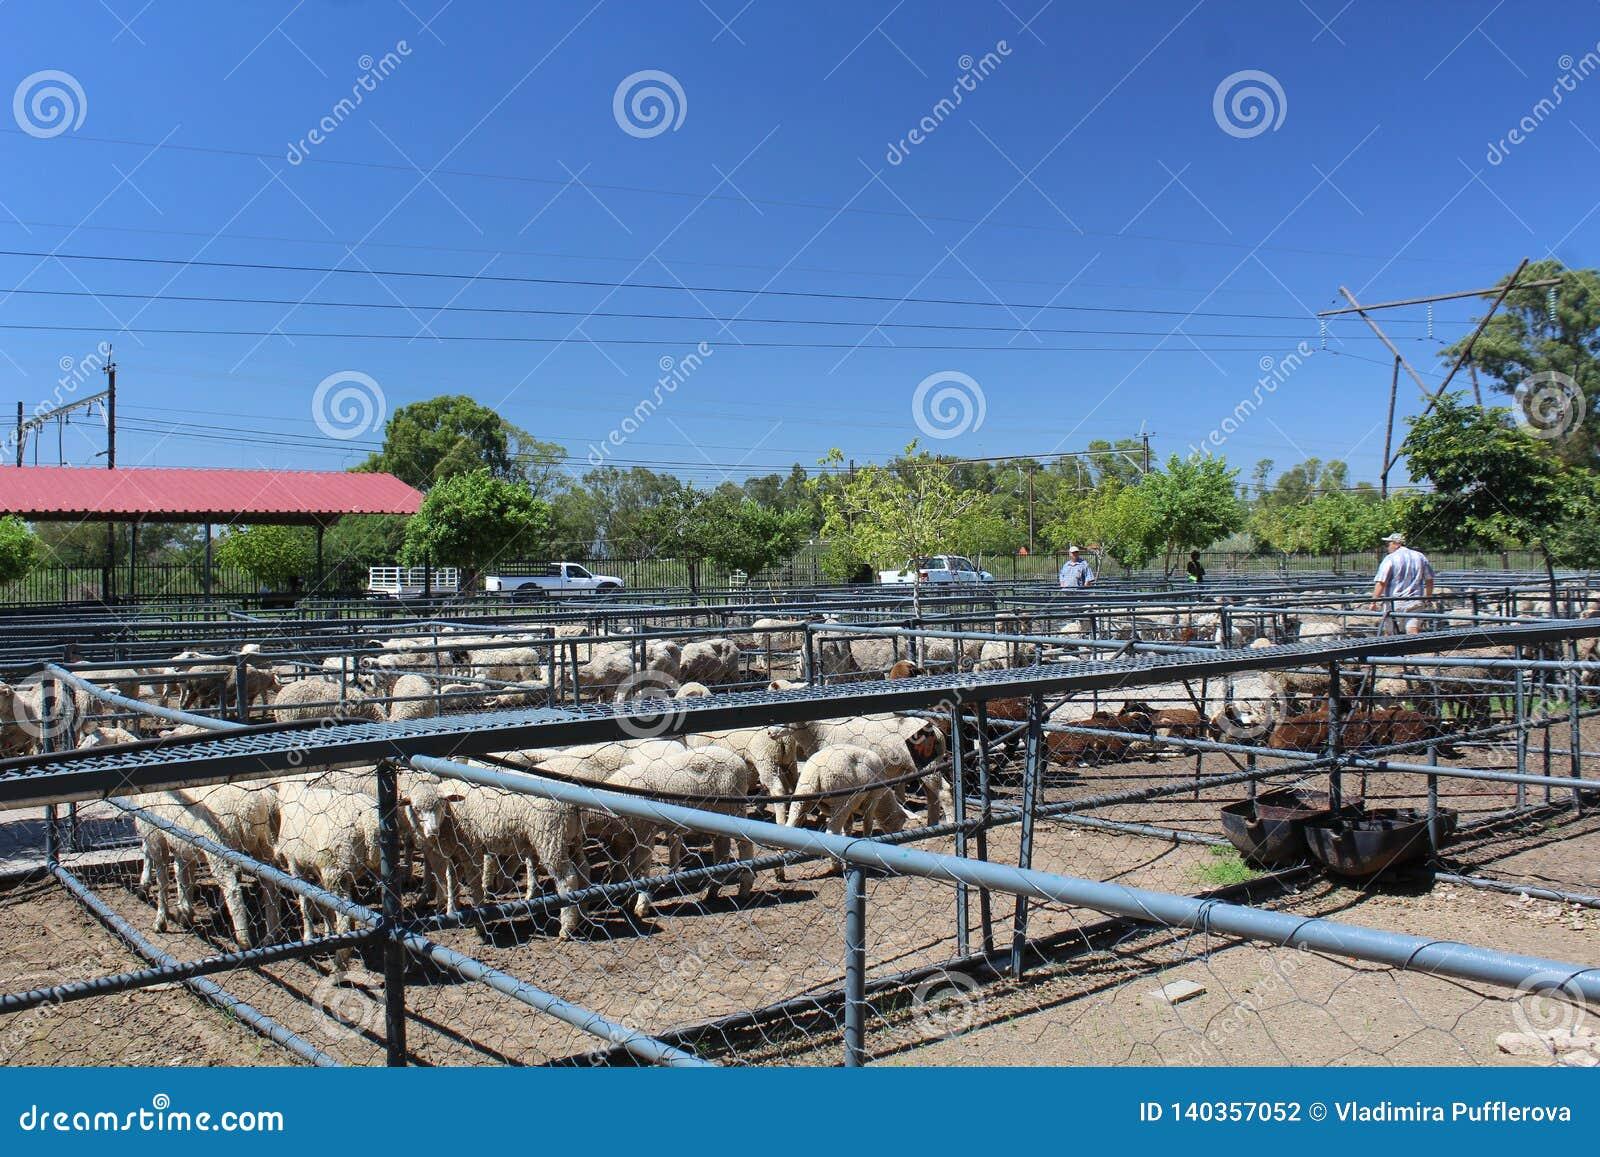 Carneiros que esperam nos cercos em um leilão dos rebanhos animais em Bloemfontein, África do Sul